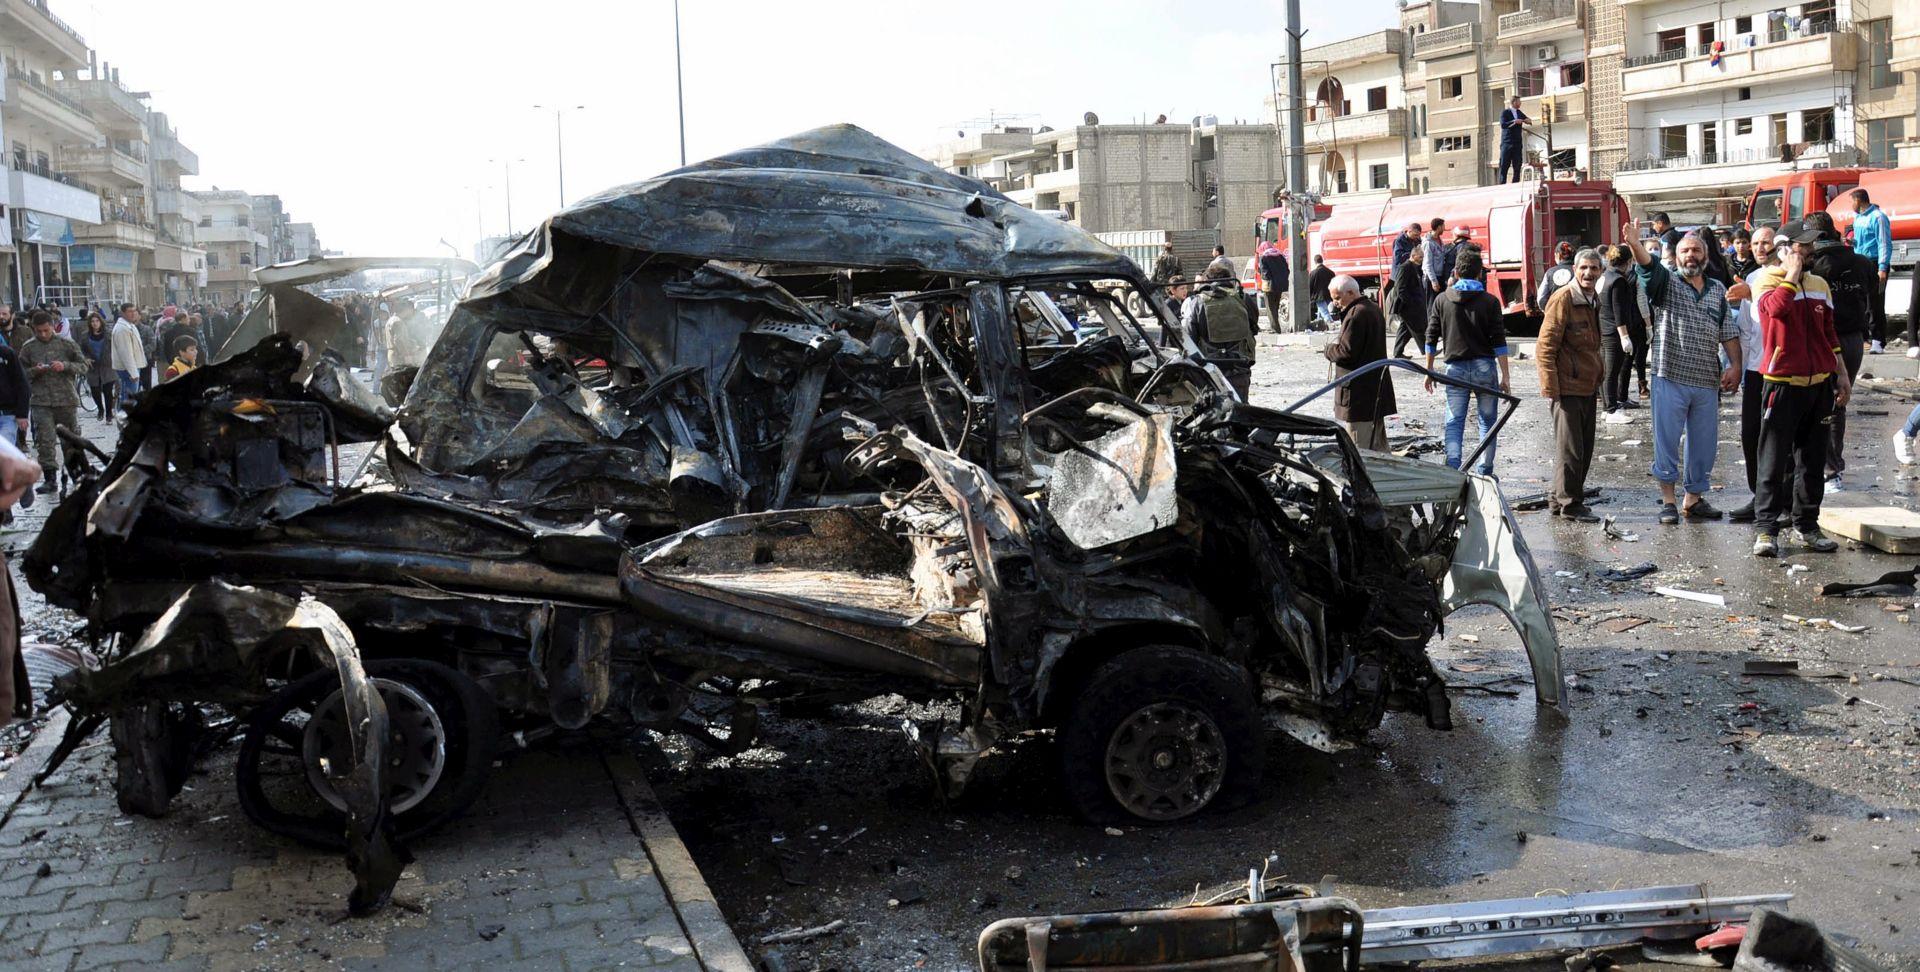 NAPOKON DOGOVOR? Prekid vatre u Siriji na snagu stupa 27. veljače u ponoć